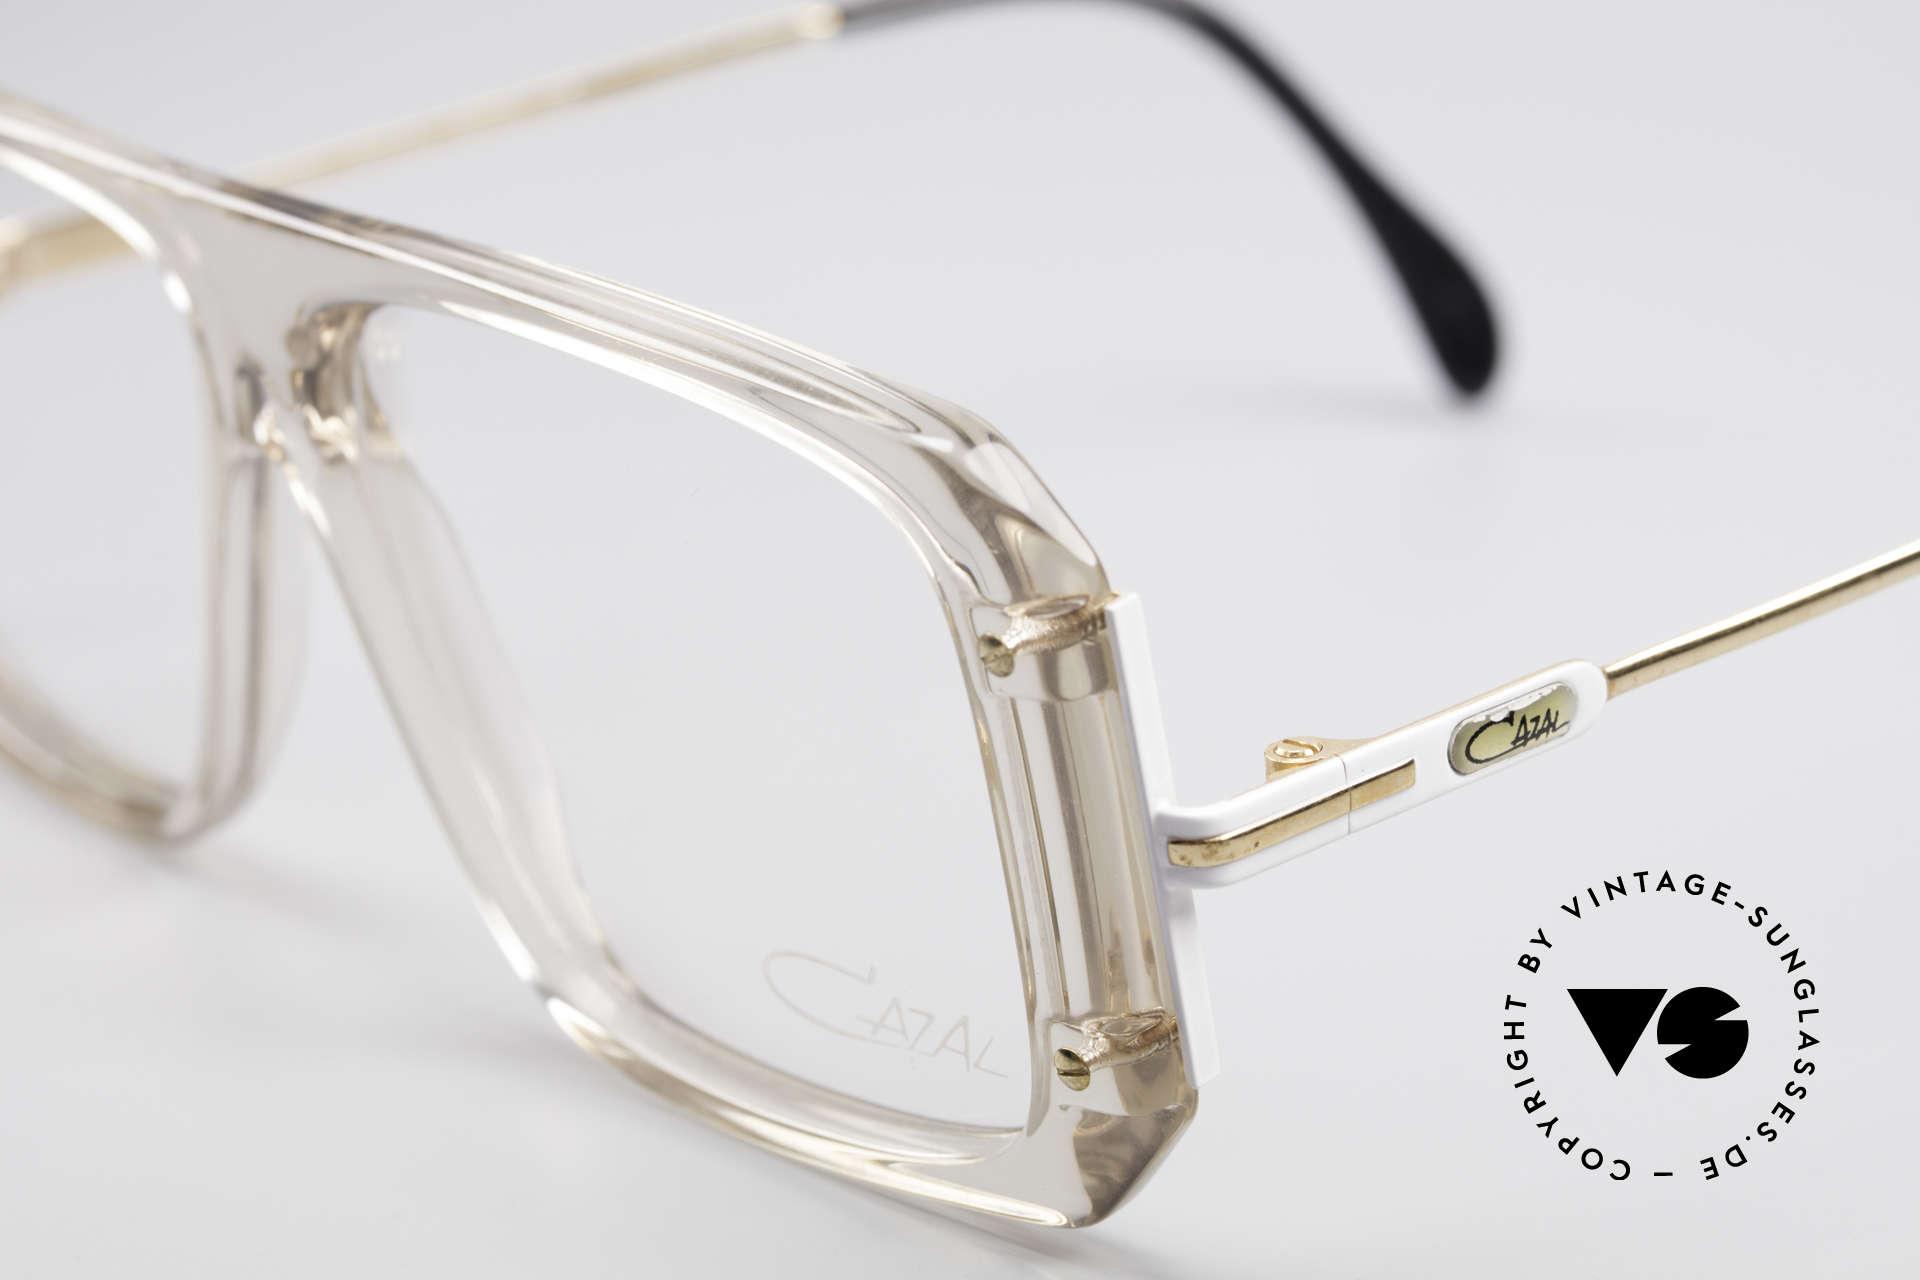 Cazal 633 Vintage Promi Brille 80er, ungetragen (wie all unsere vintage Cazal Brillen), Passend für Herren